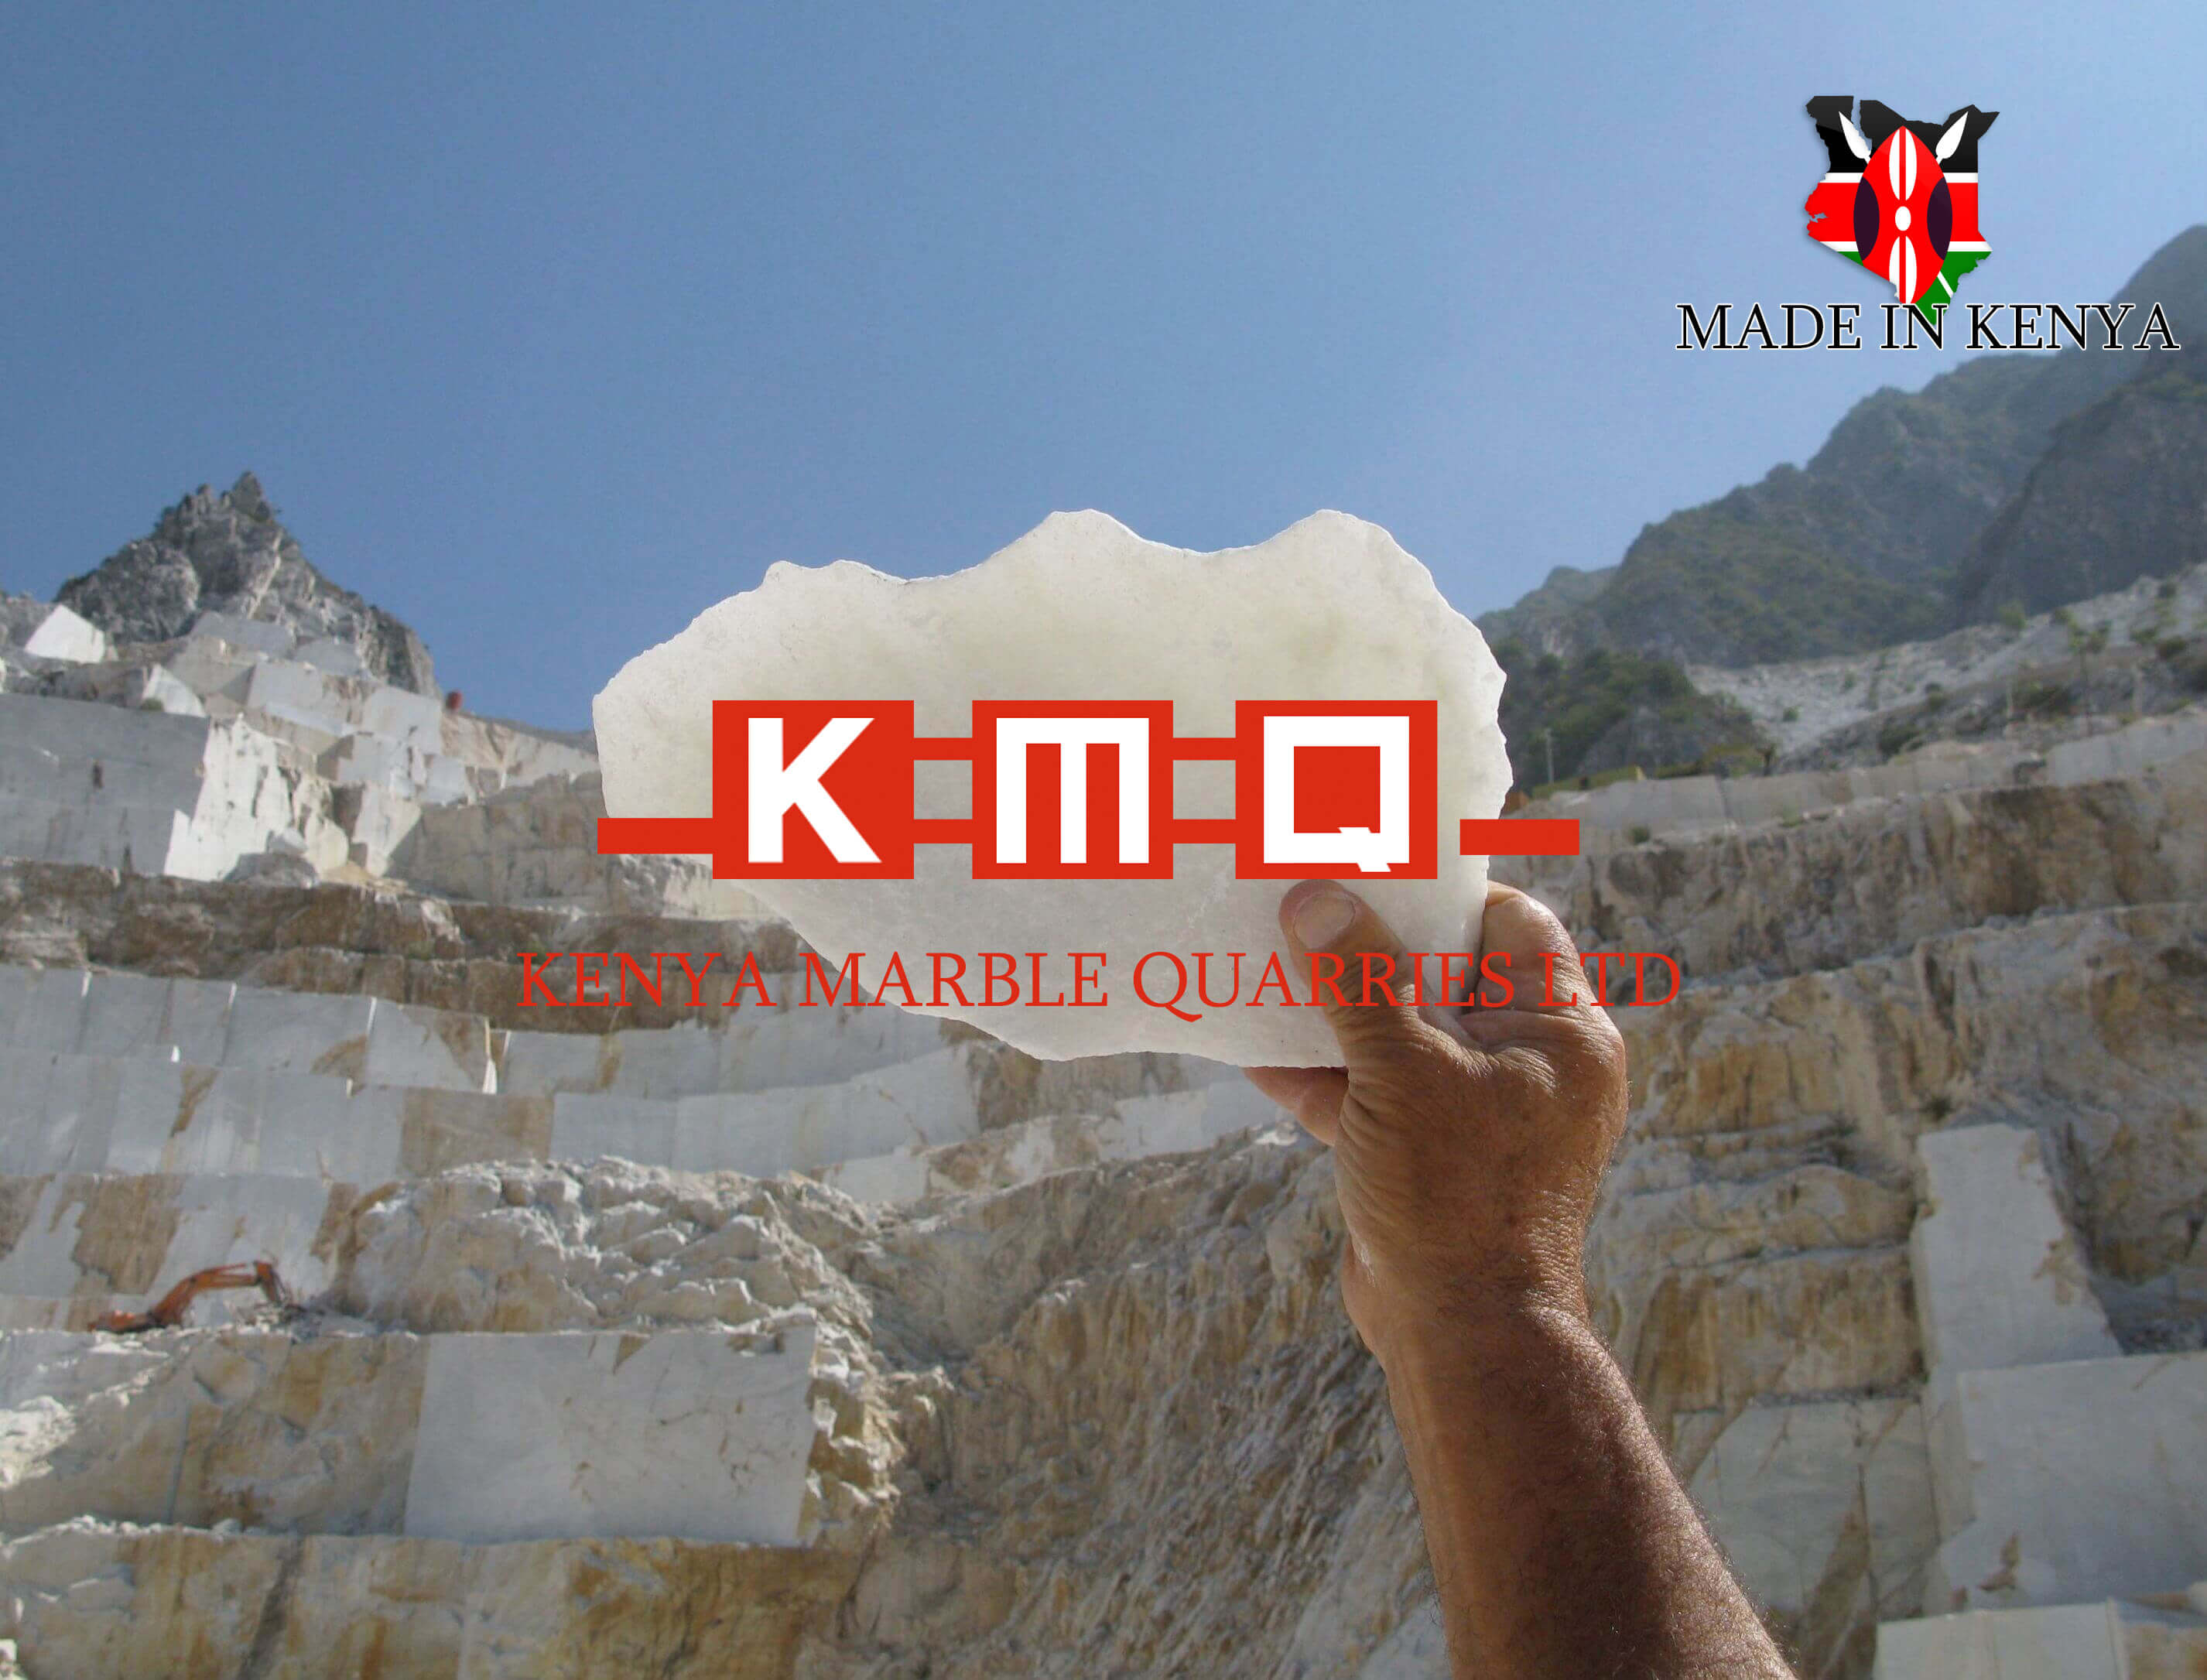 Marble Staircases Kenya Marble Quarries Ltd Kmq